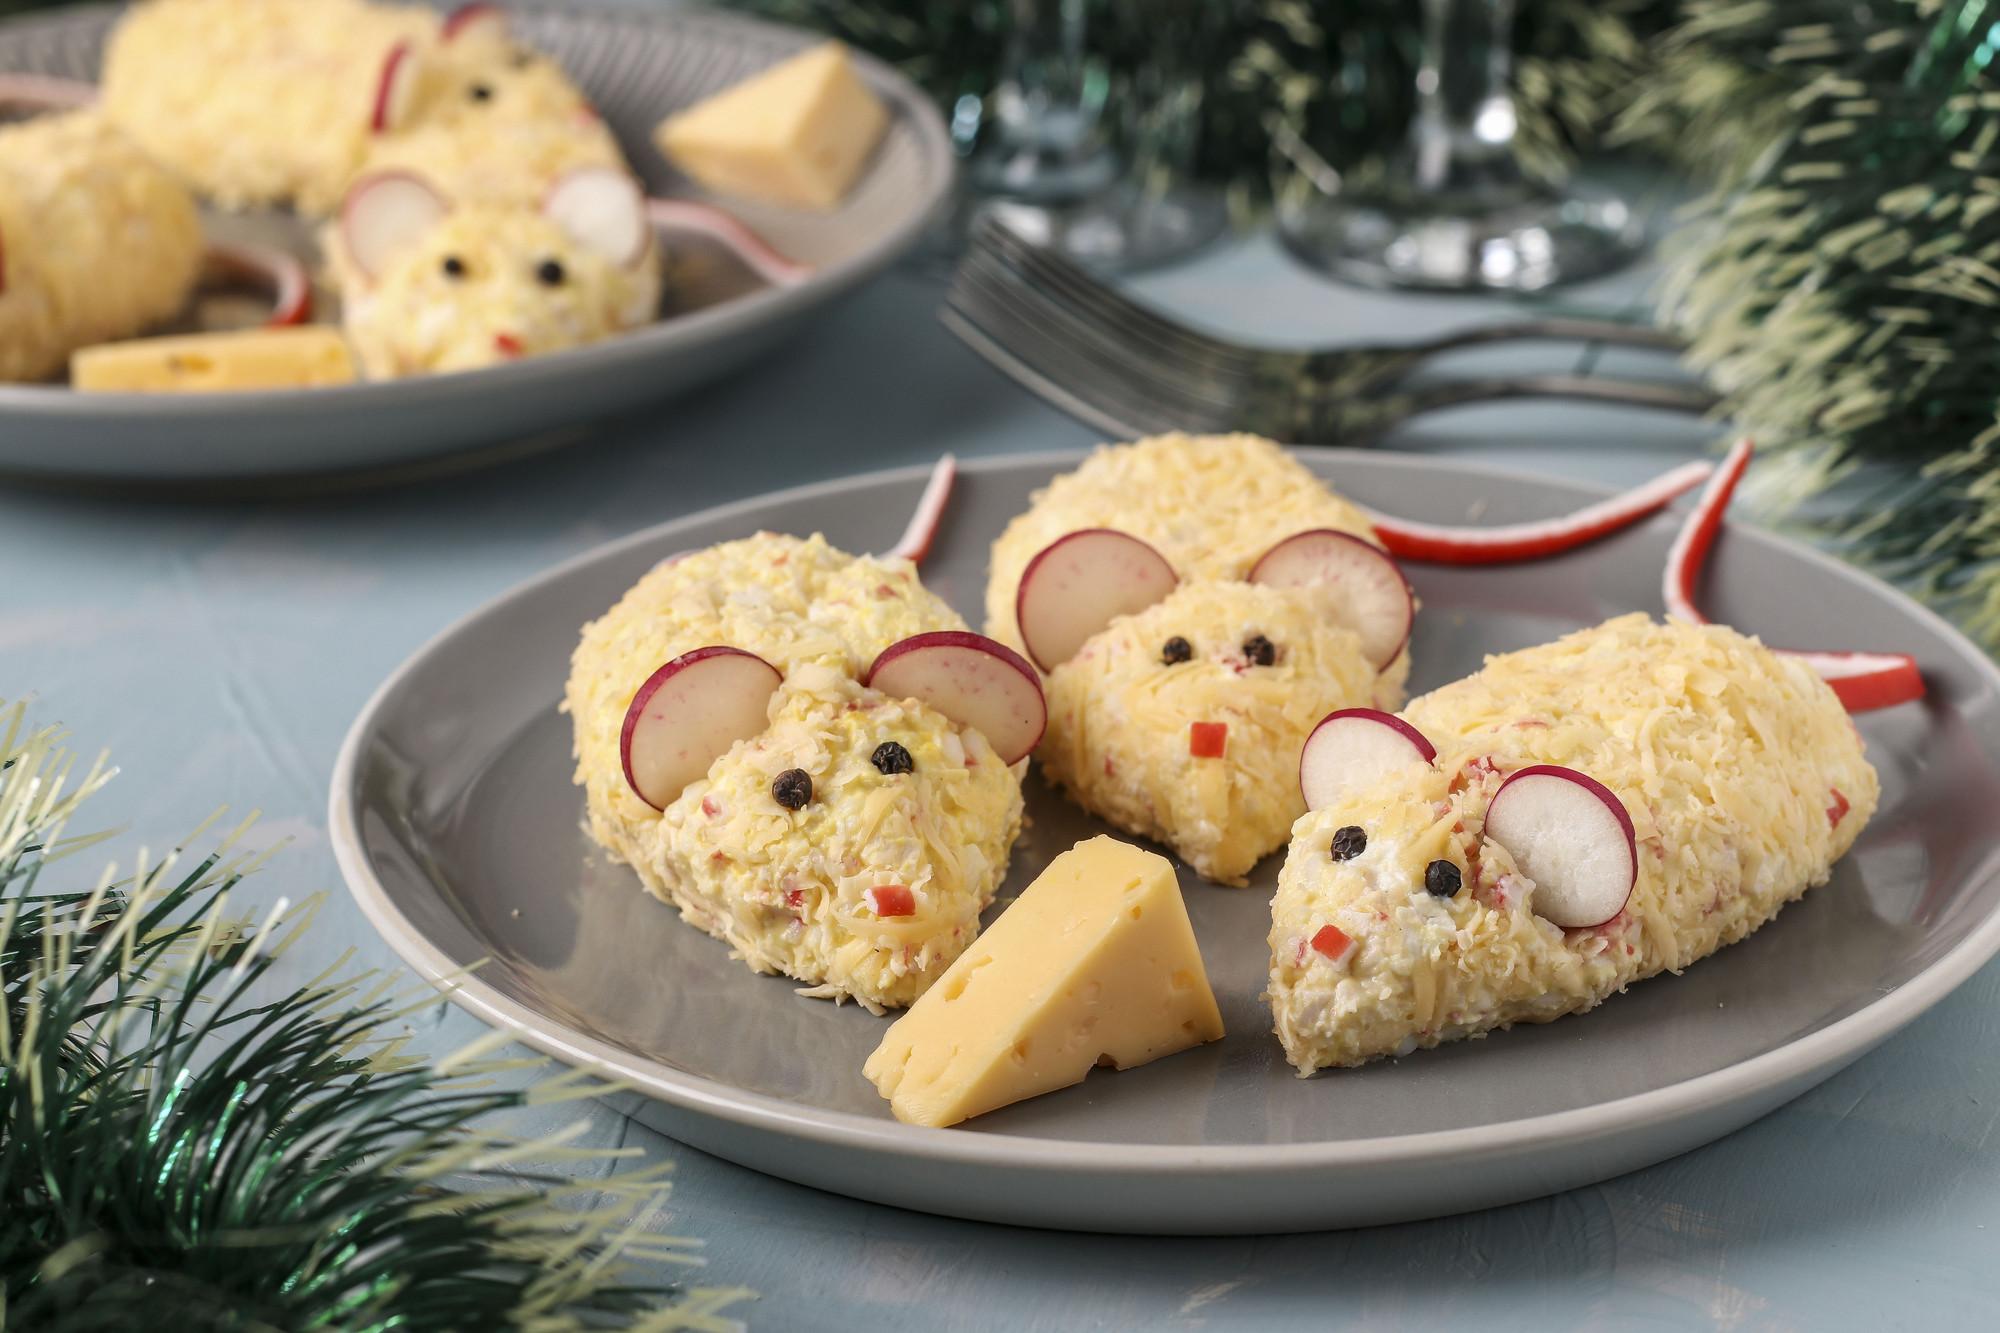 рецепты блюд для нового года фото теперь переходим